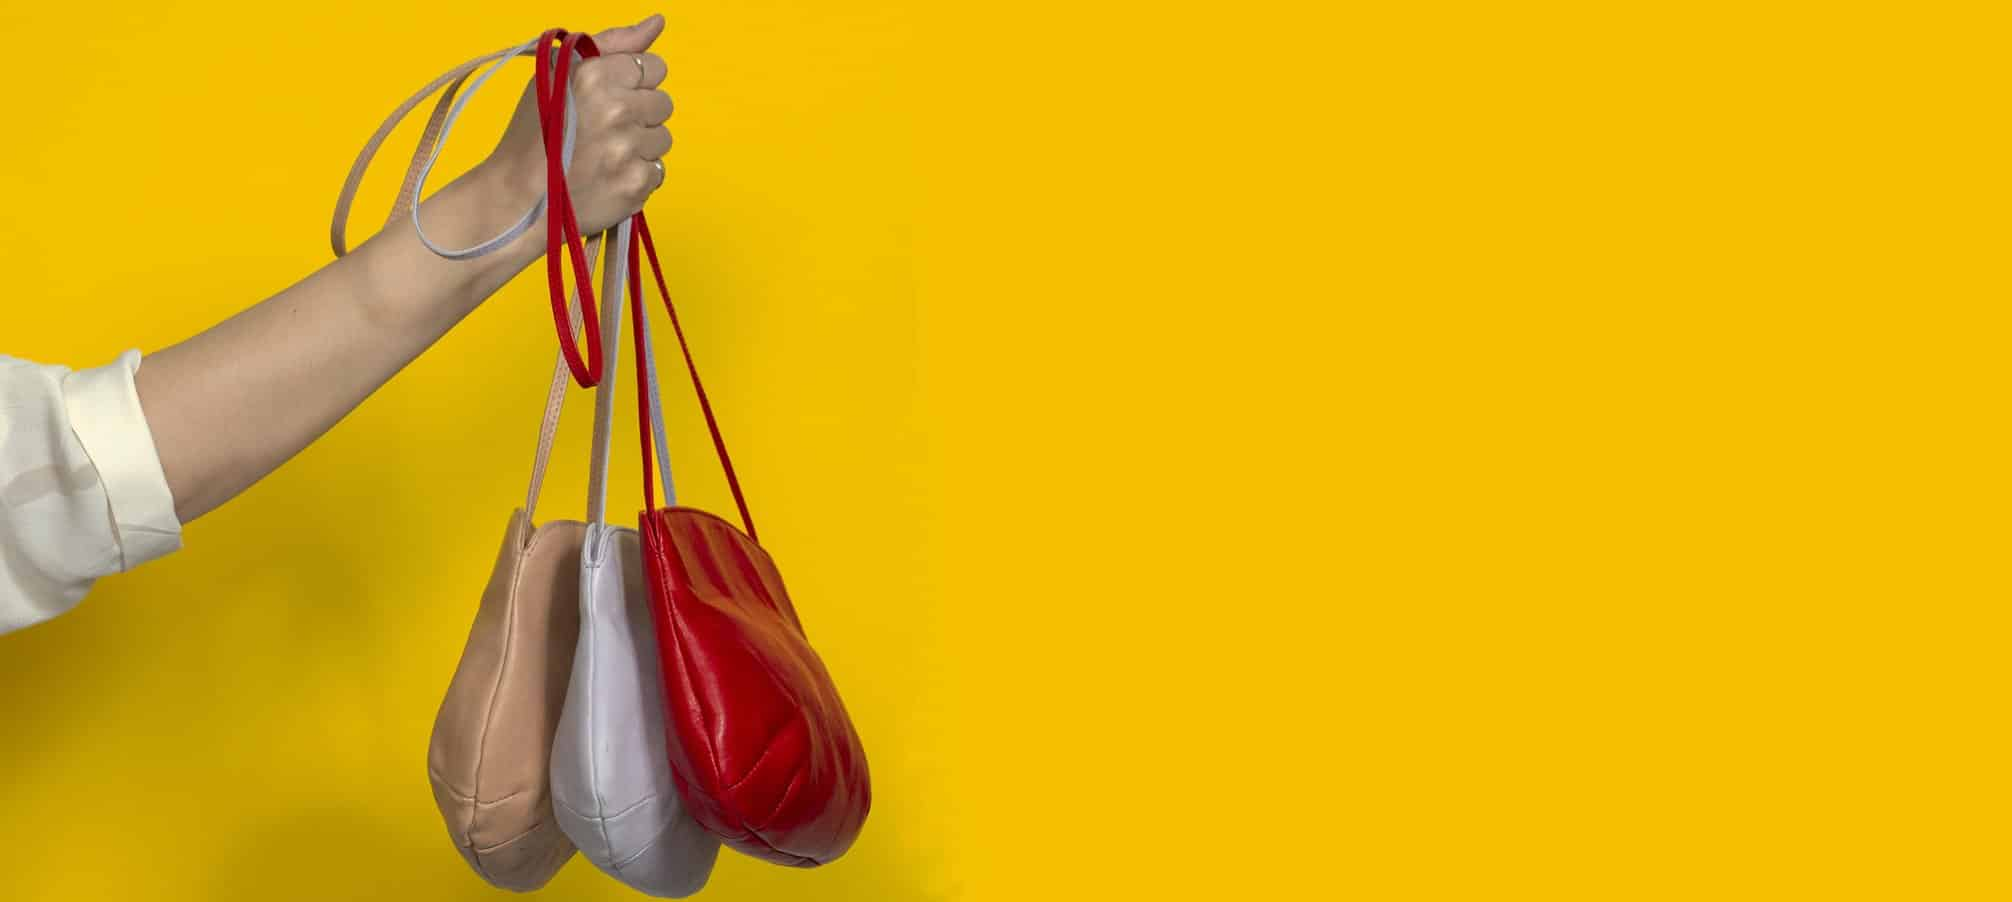 Tres bolsos de cuero bandolera, roda pálido, rojo y lila de Petty Things, colección verano 2019